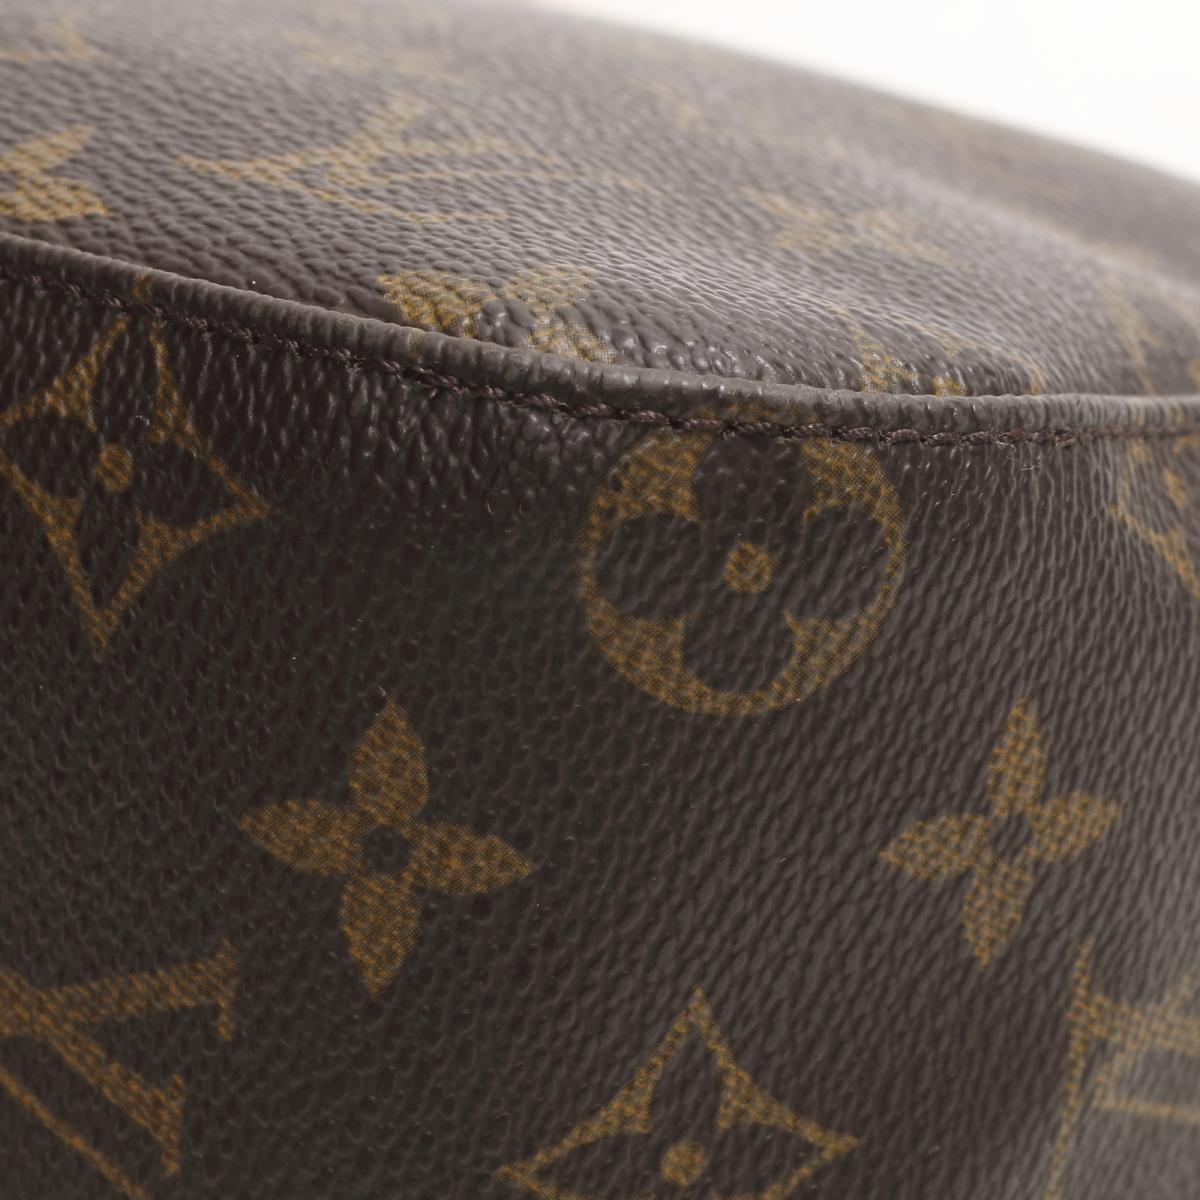 ルイヴィトン ルーピングMM ショルダーバッグ バッグ レディース モノグラムM51146LOUIS VUITTON BRANDOFF ブランドオフ ヴィトン ビトン ルイ・ヴィトン ブランド ブランドバッグ バック ショルダーバック ショルダー 肩掛けnOvmwN80